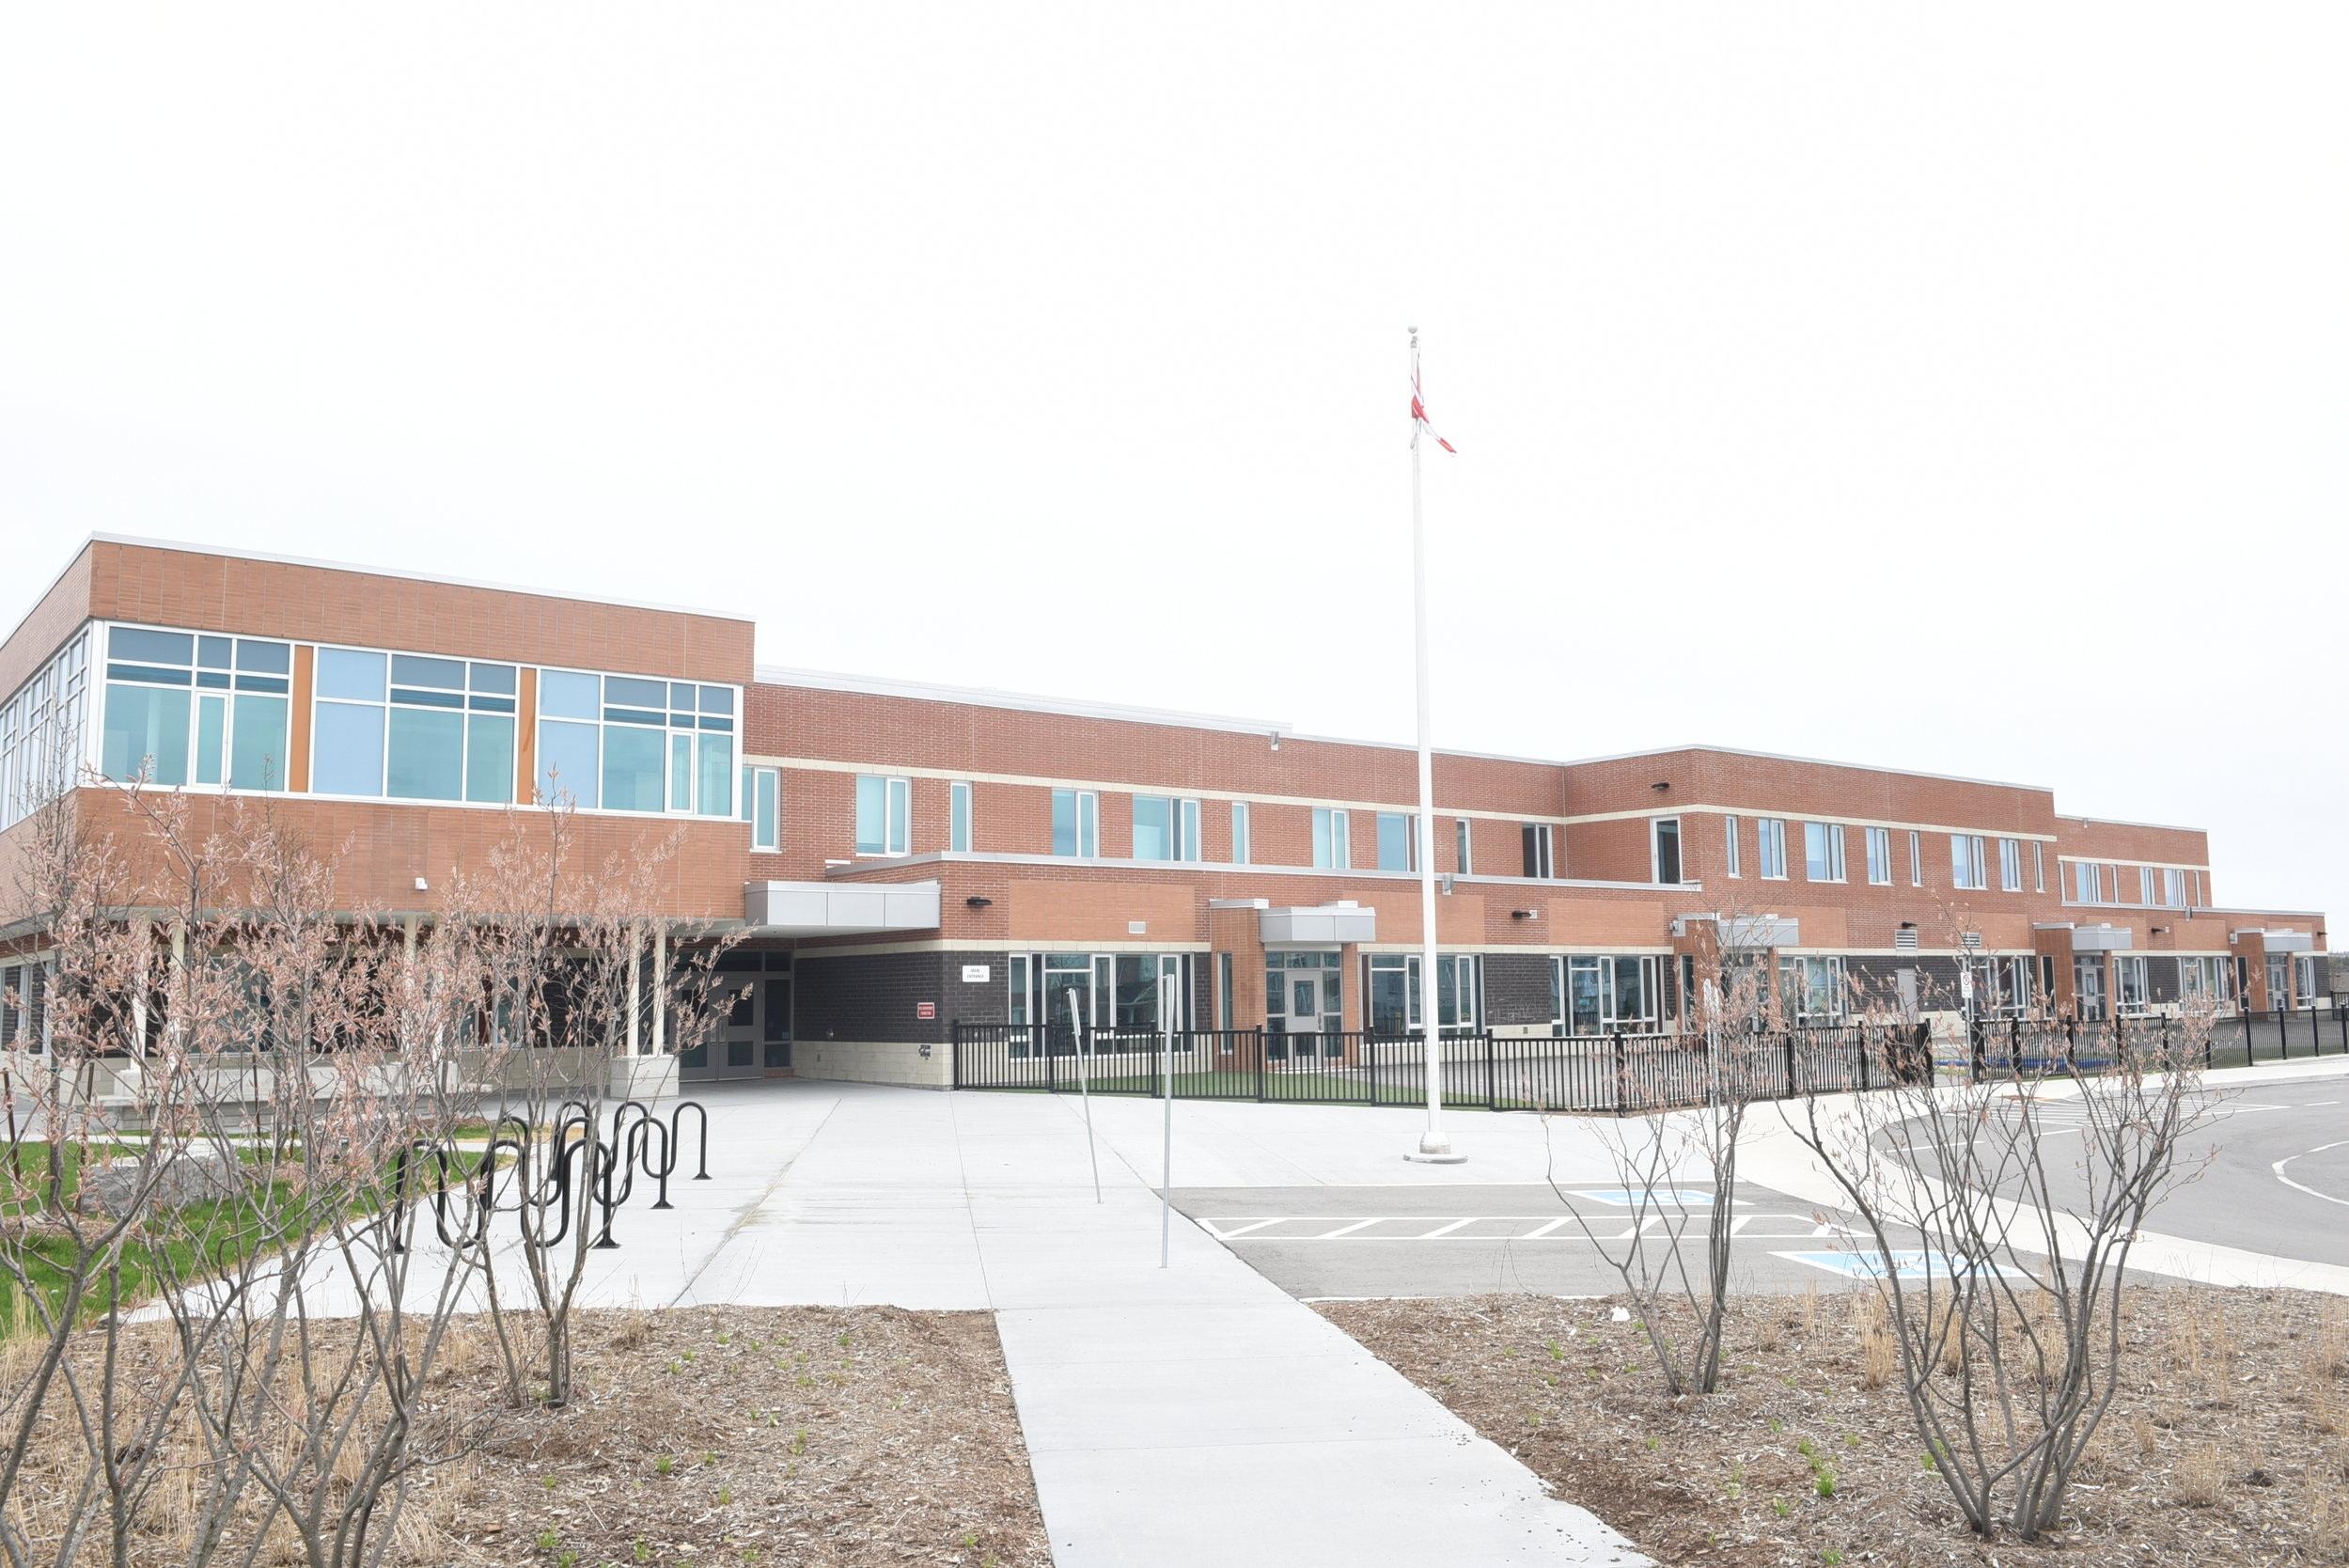 Viola Desmond School